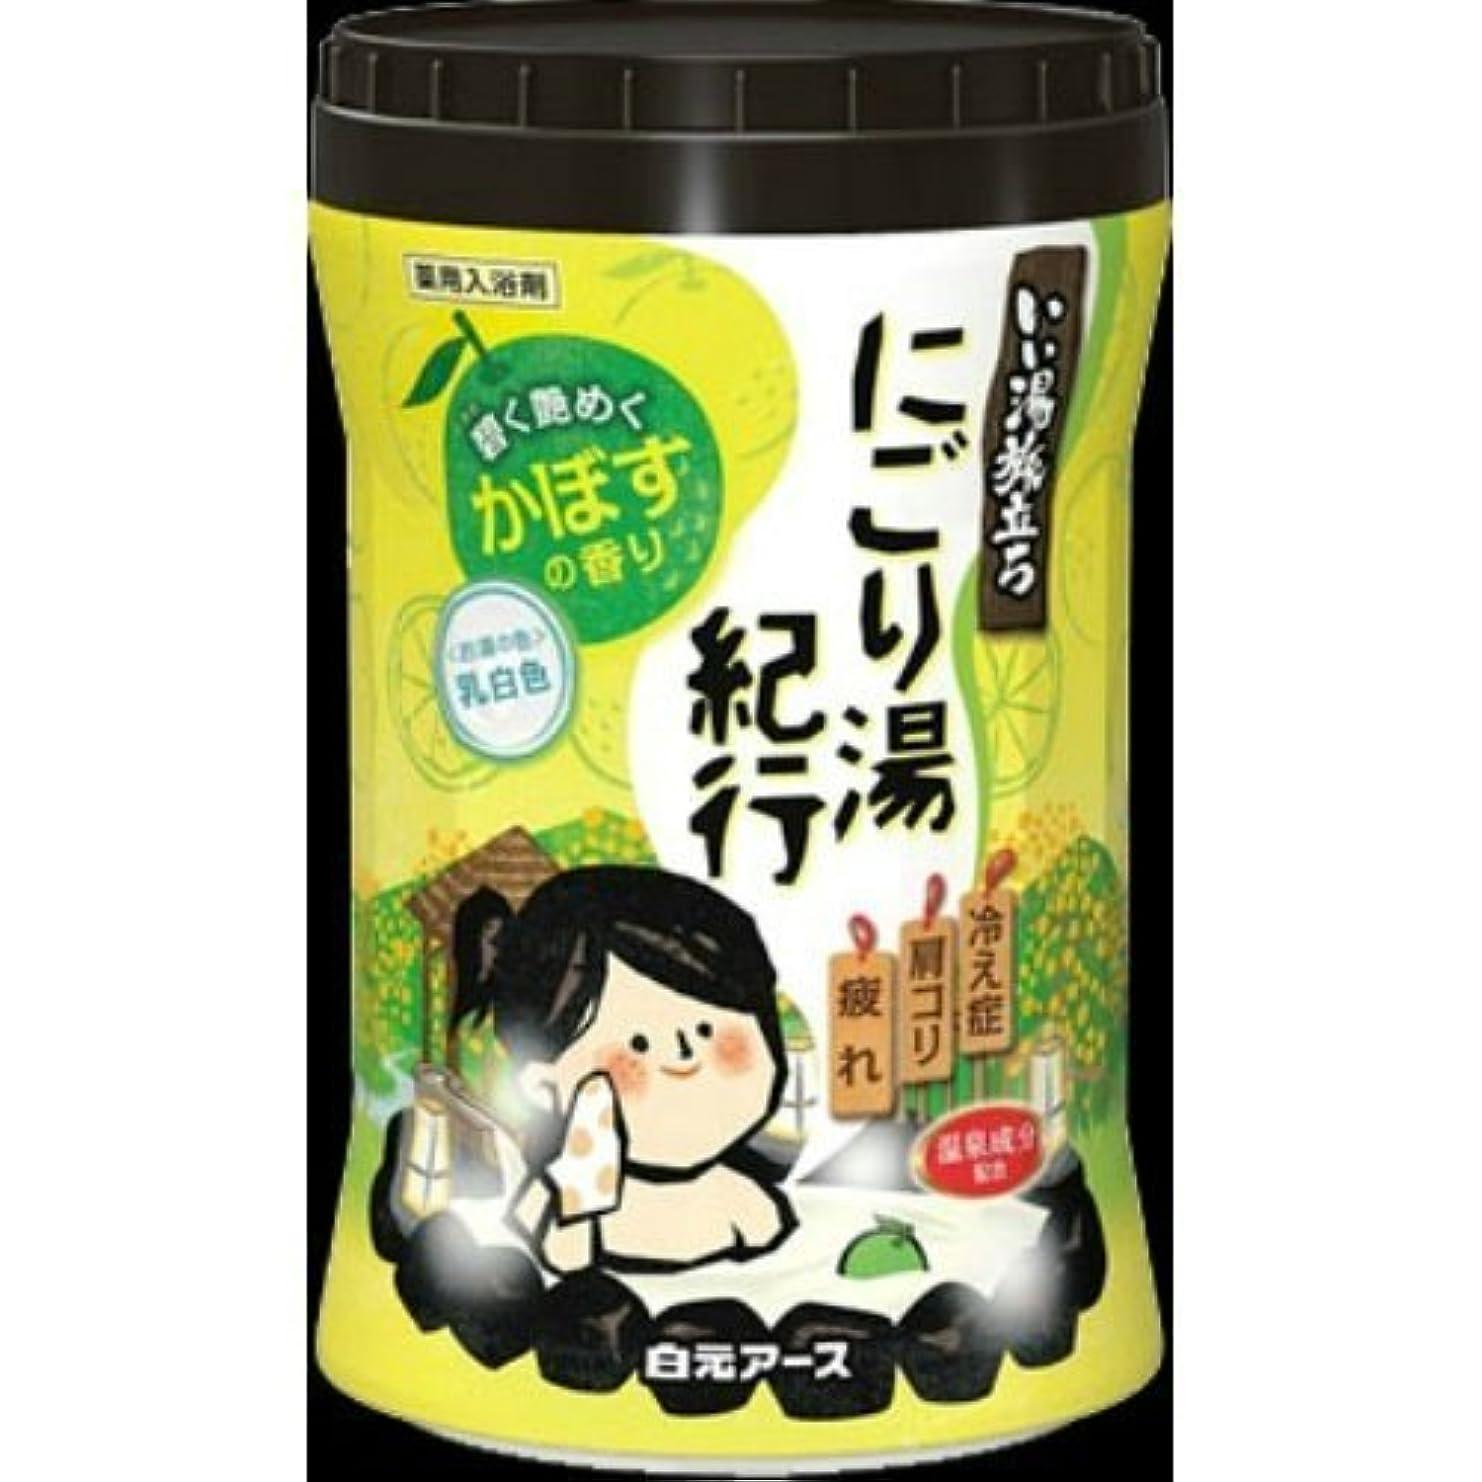 教室クリケット句読点いい湯旅立ちボトル にごり湯紀行 かぼすの香り600g × 15個セット